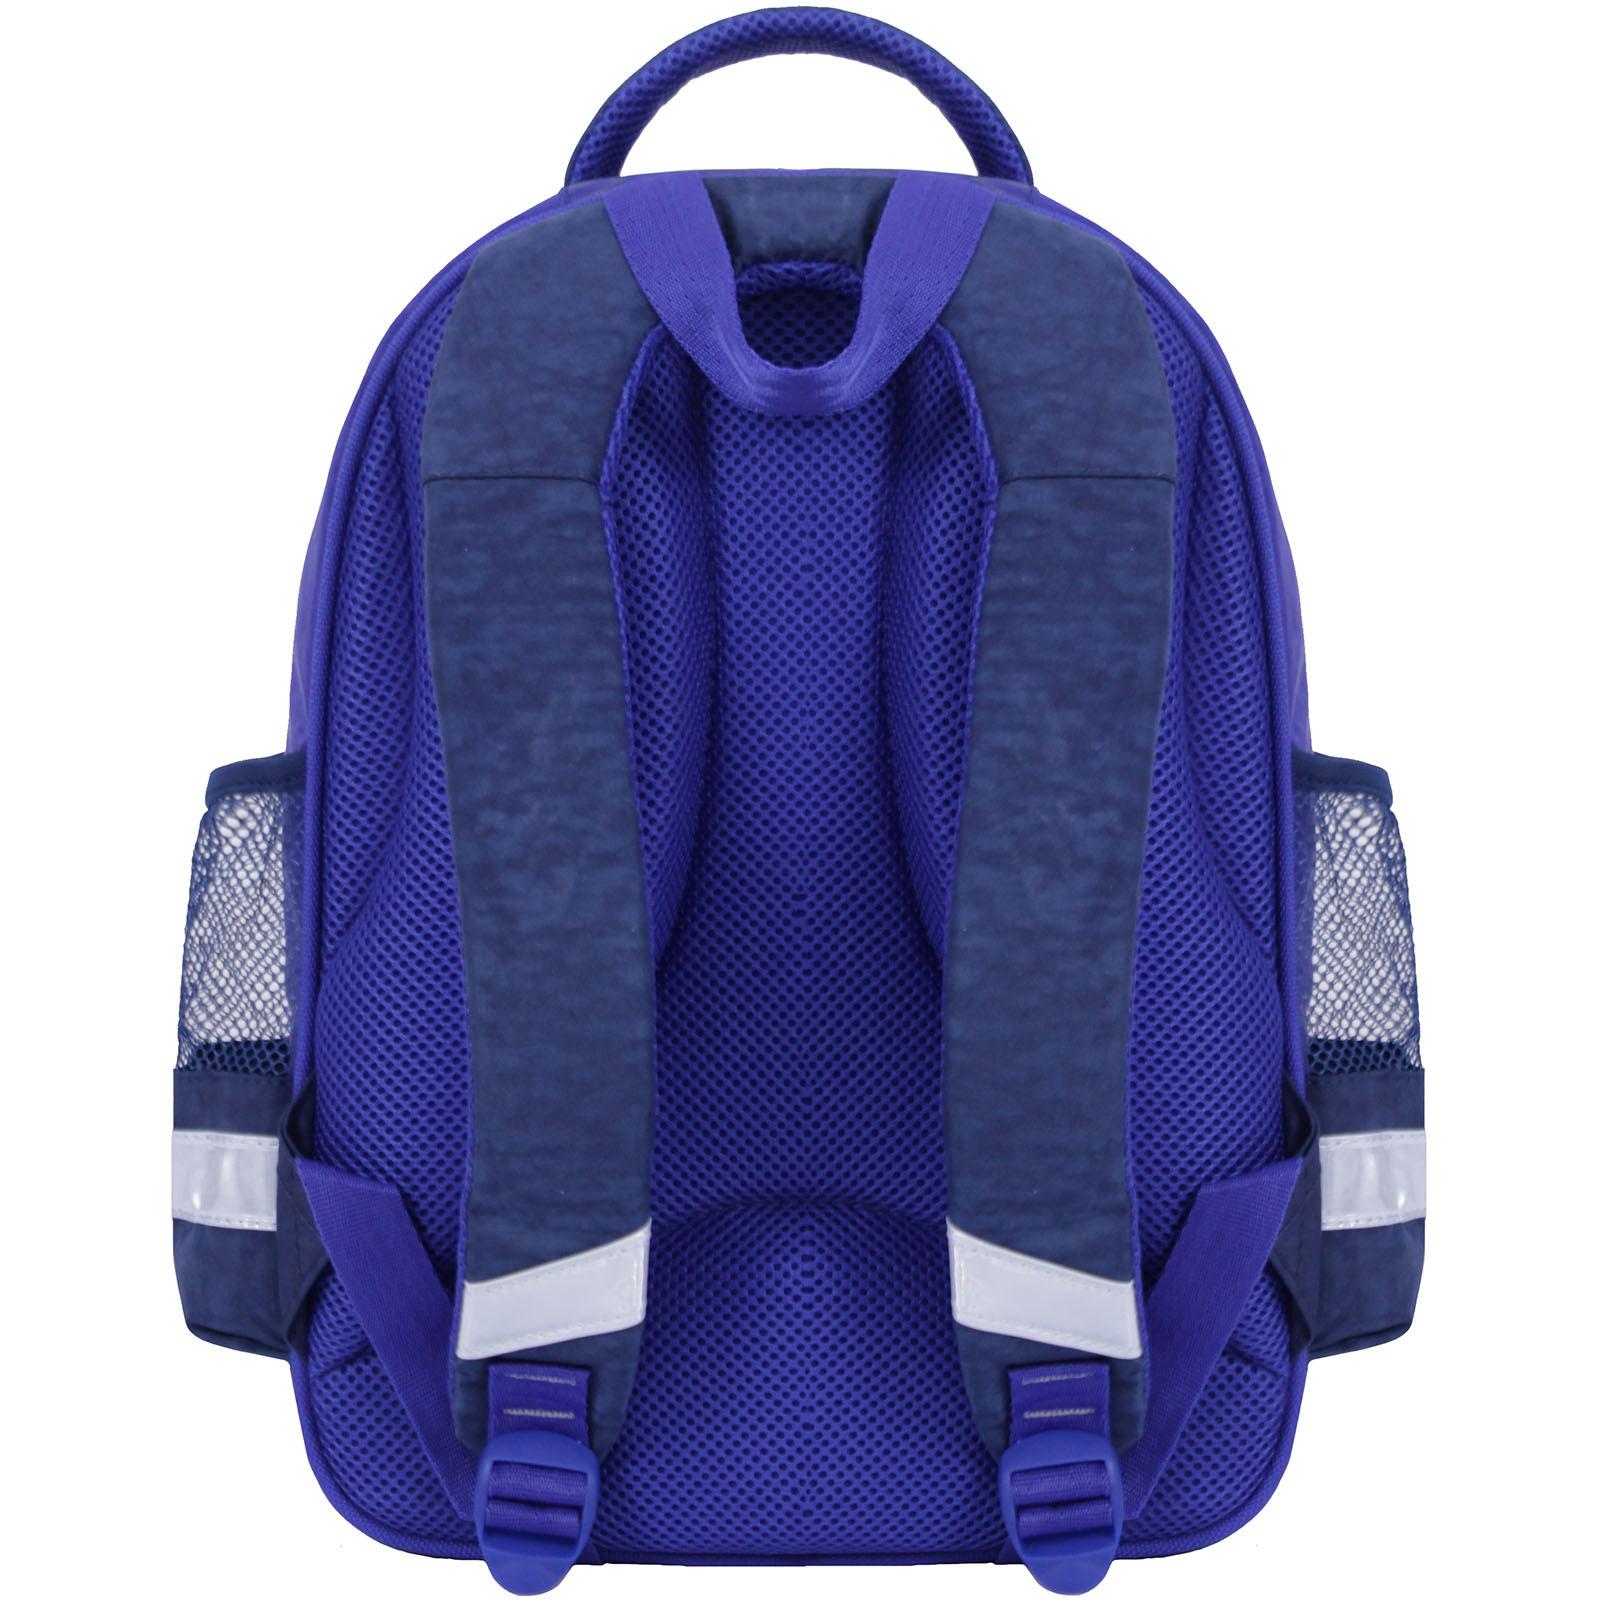 Рюкзак школьный Bagland Mouse 225 синий 56м (0051370) фото 4